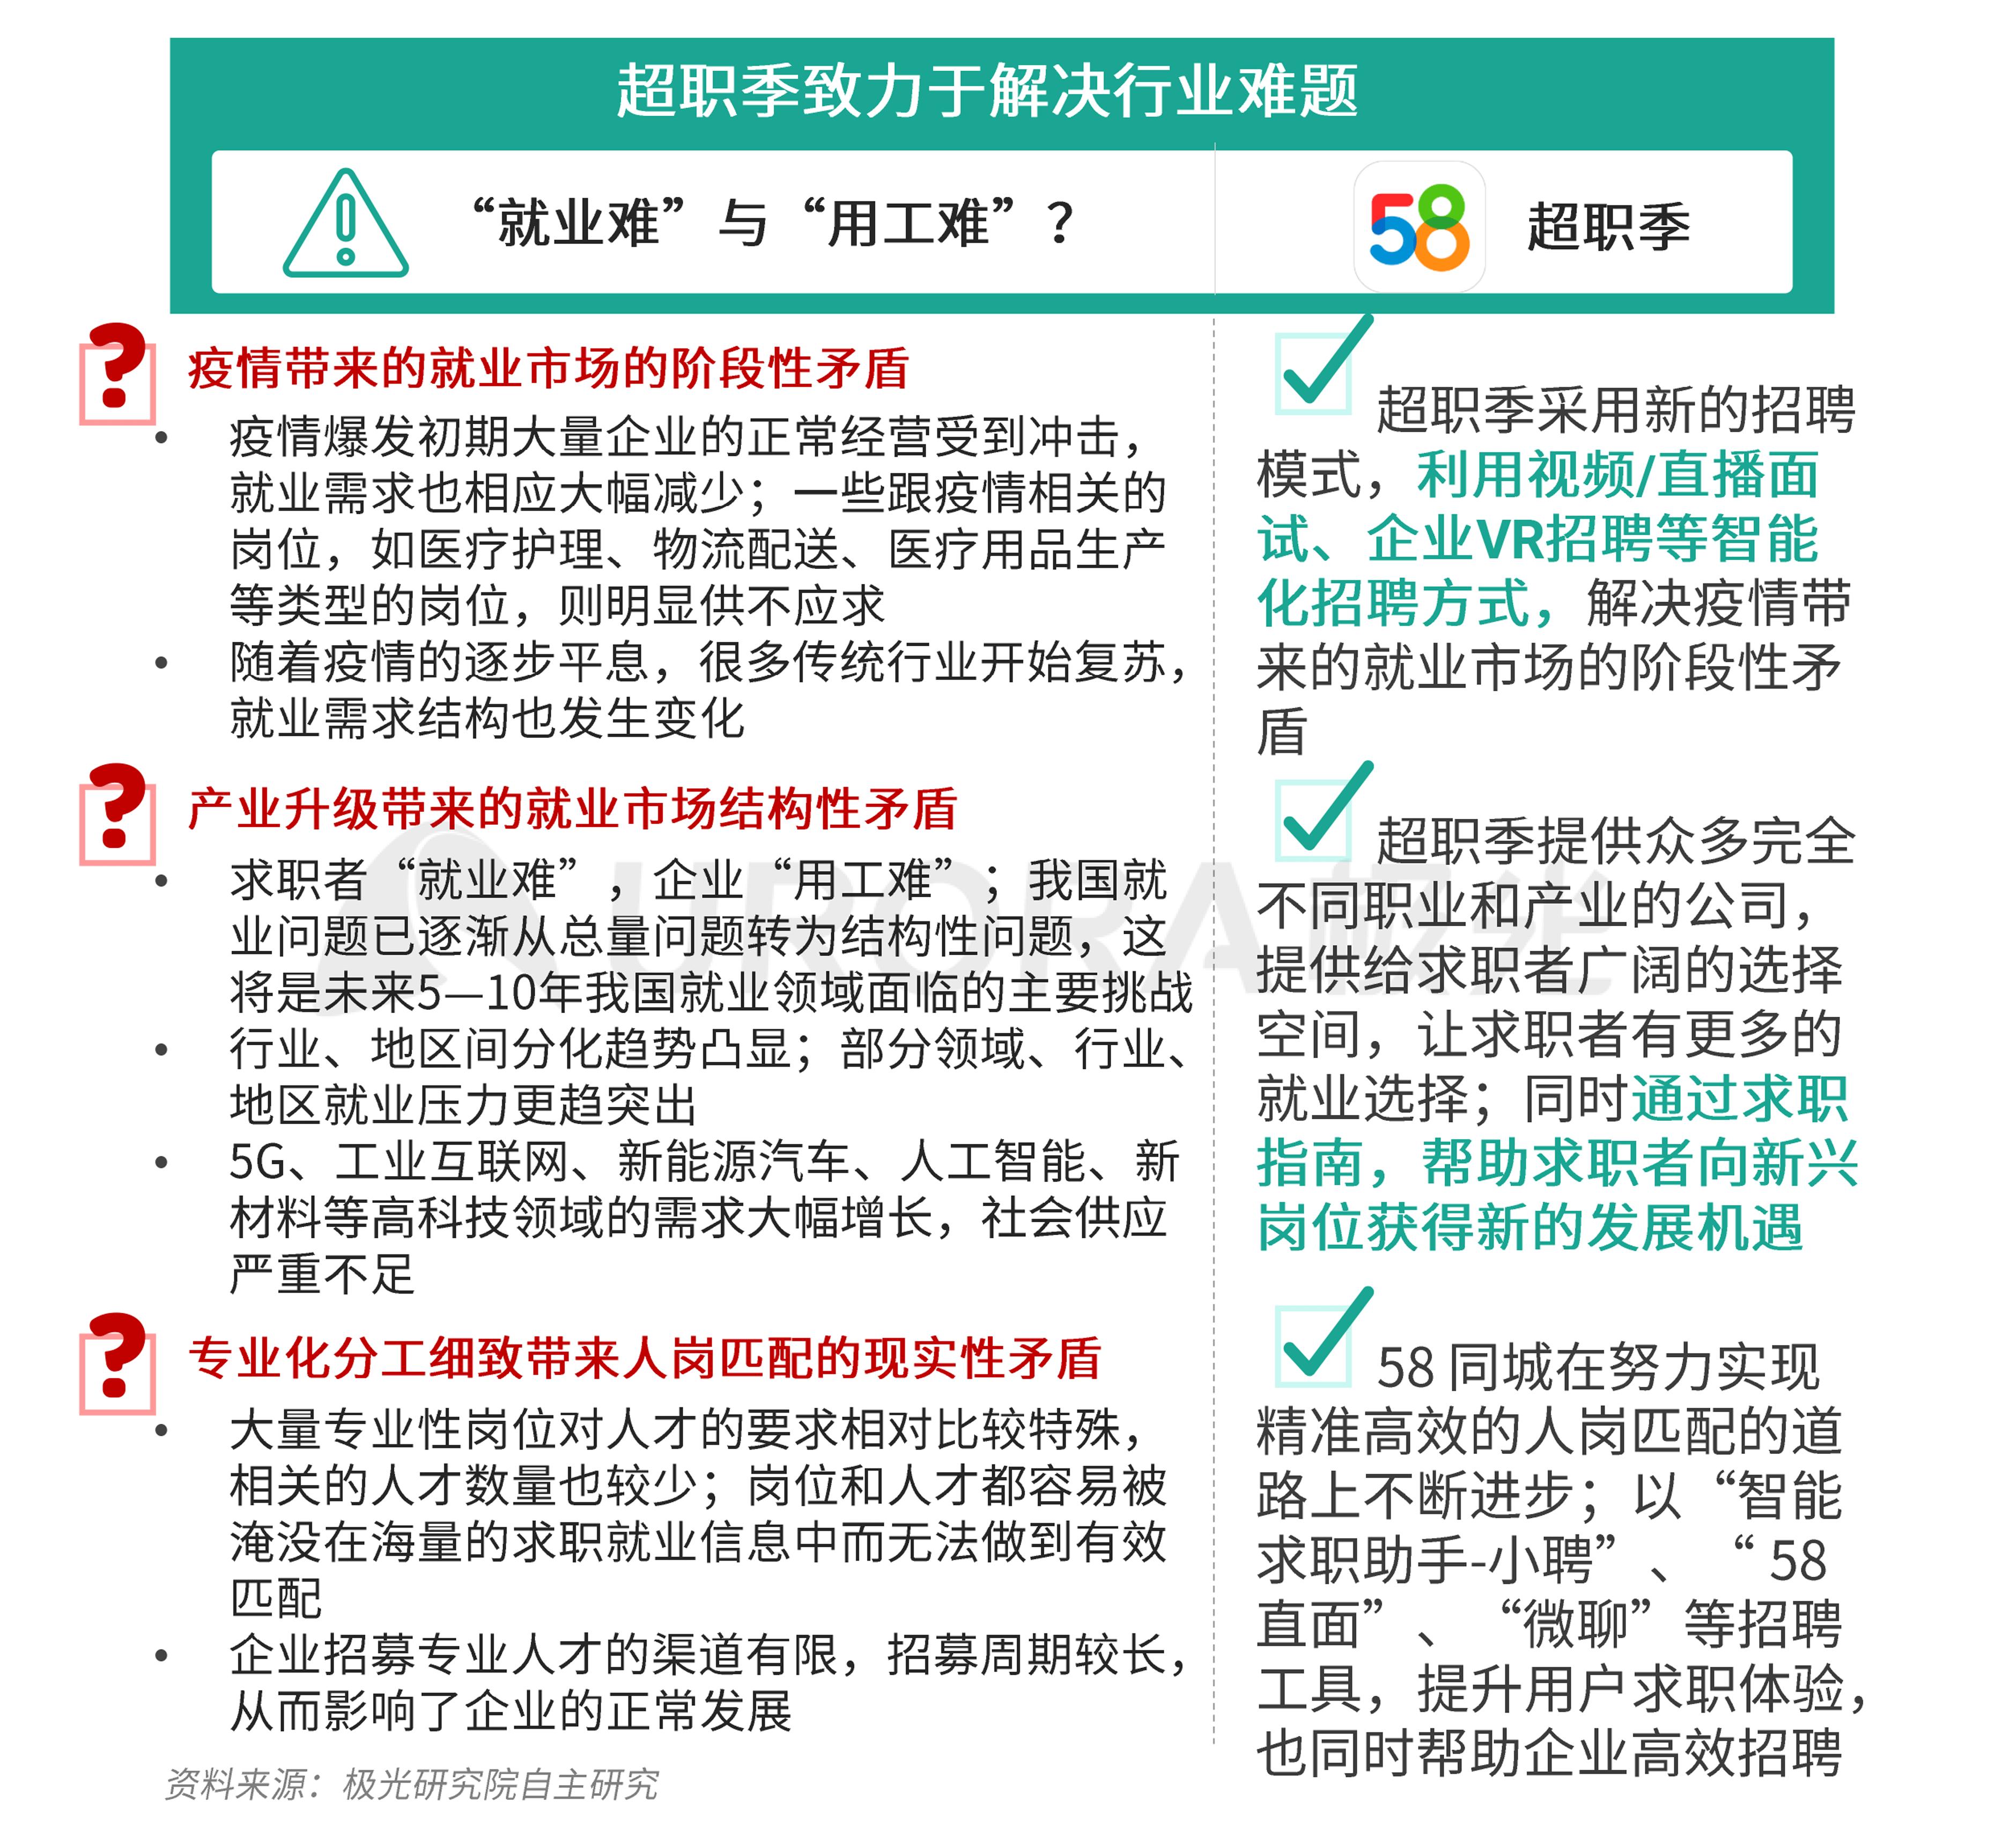 """""""超职季""""招聘行业报告-企业篇(1)-8.png"""